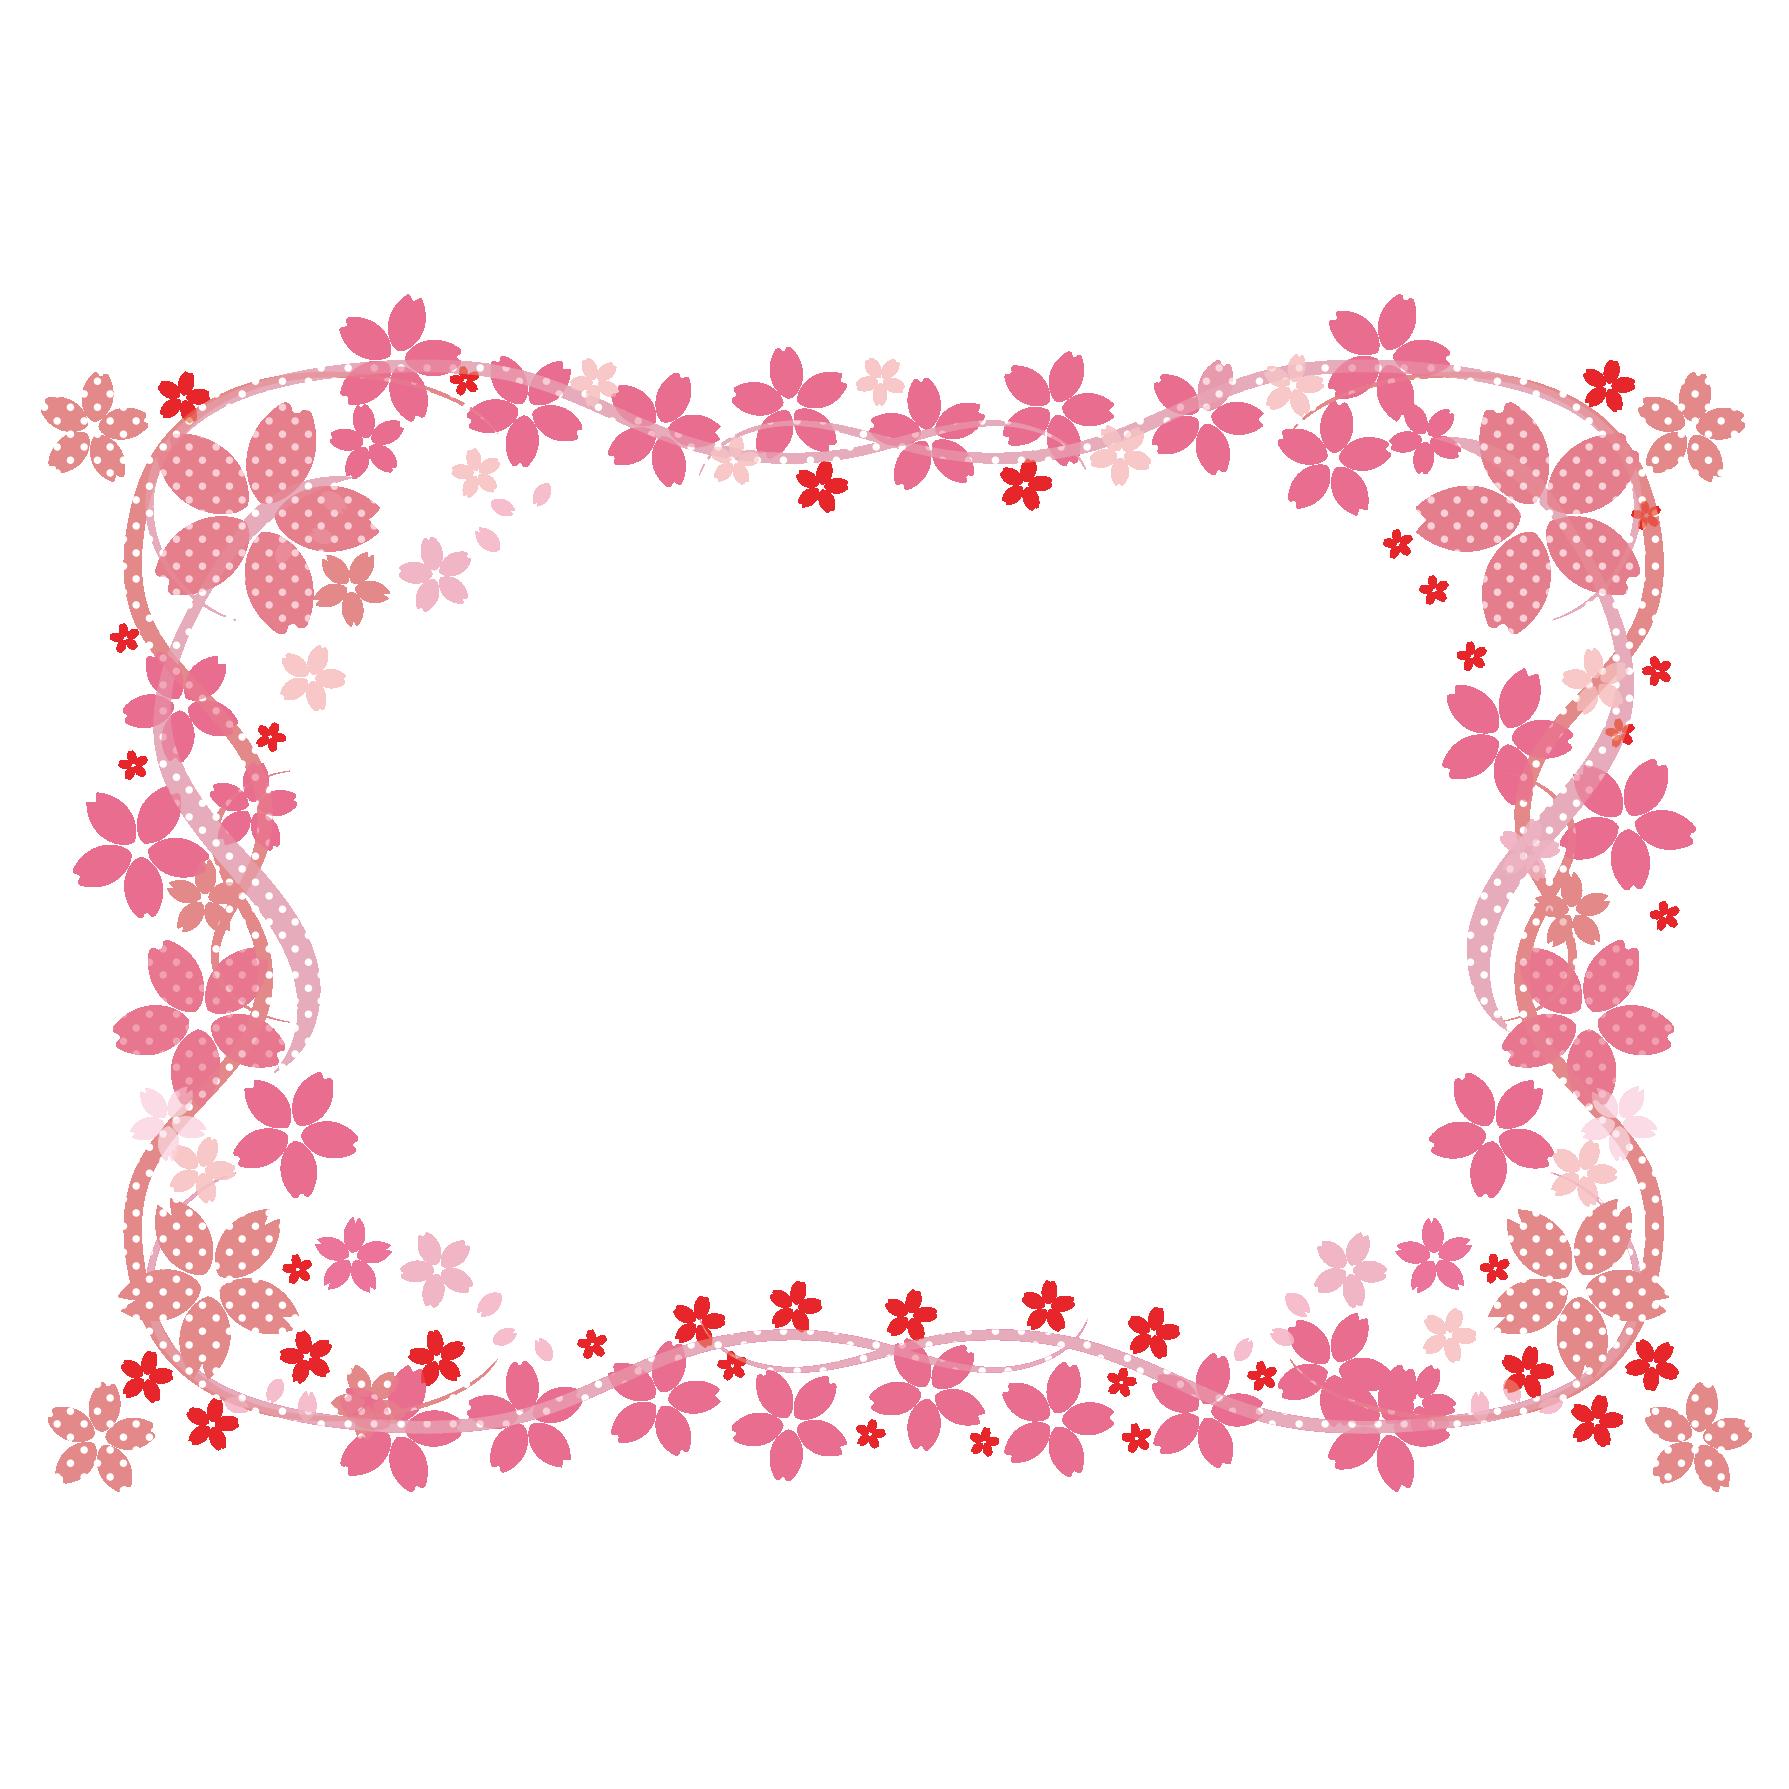 和風だけどかわいい桜のフレームデザイン イラスト 商用フリー無料